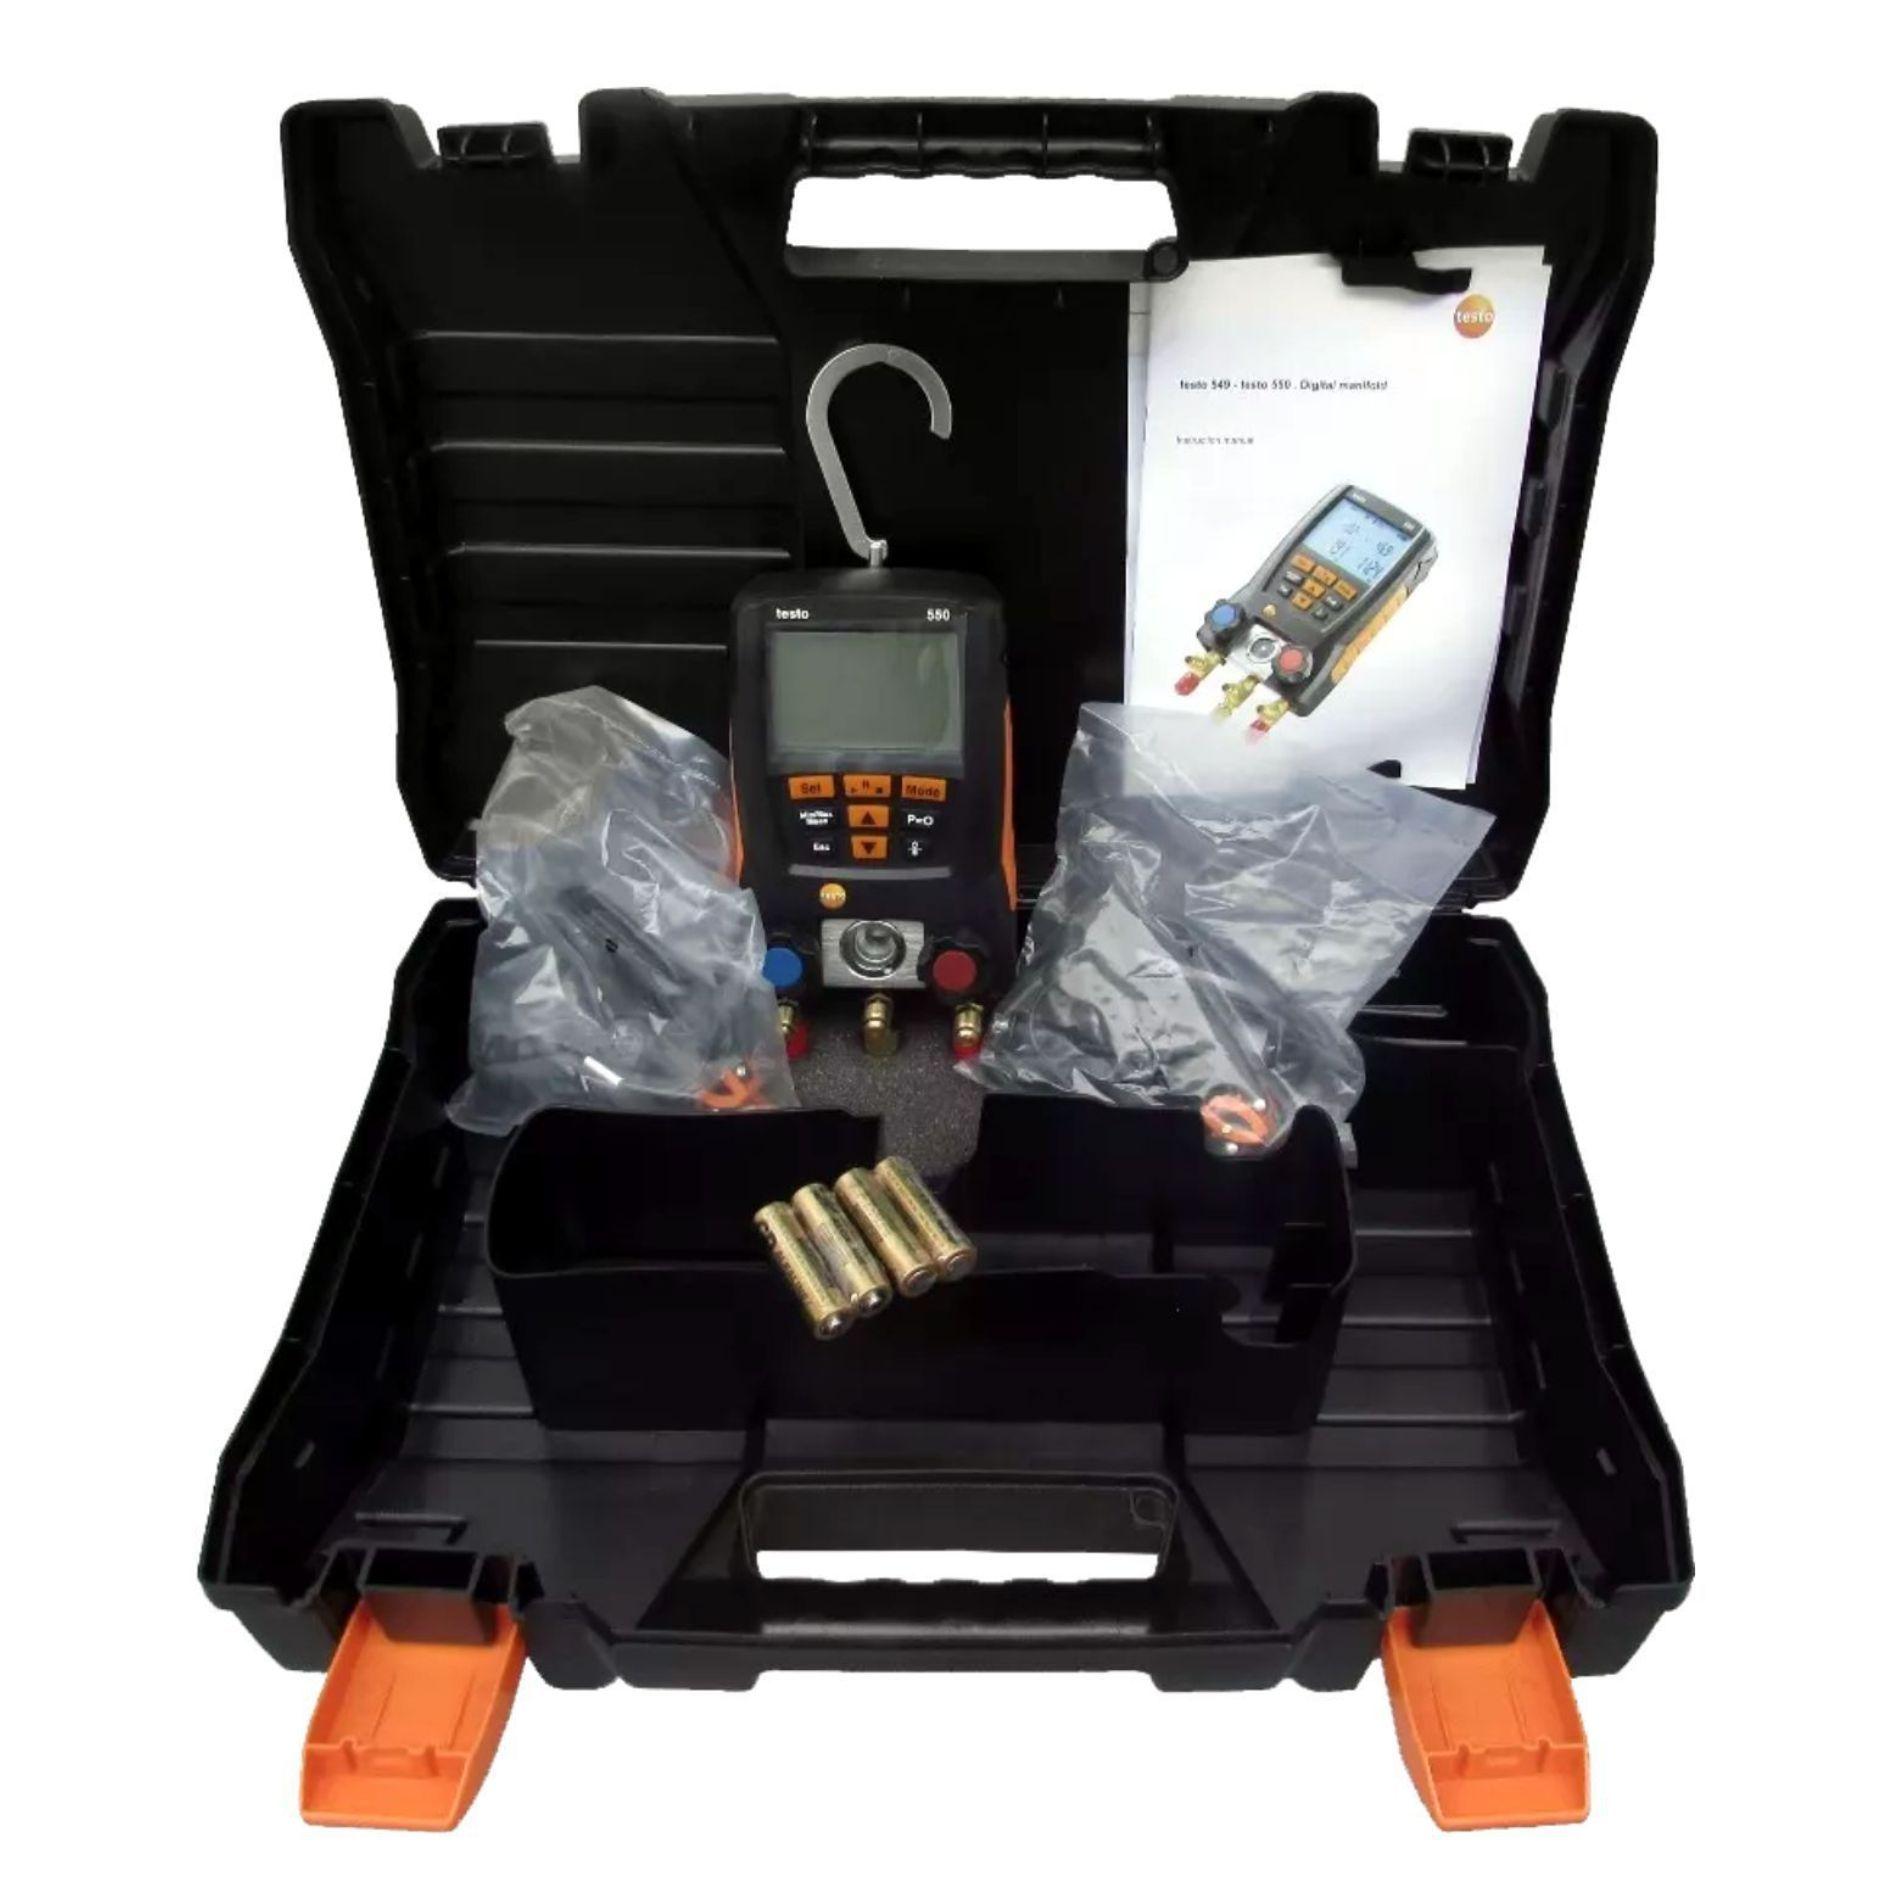 Manifold Digital Testo 550 para Sistemas de Refrigeração com 2 Pinças Termo Par